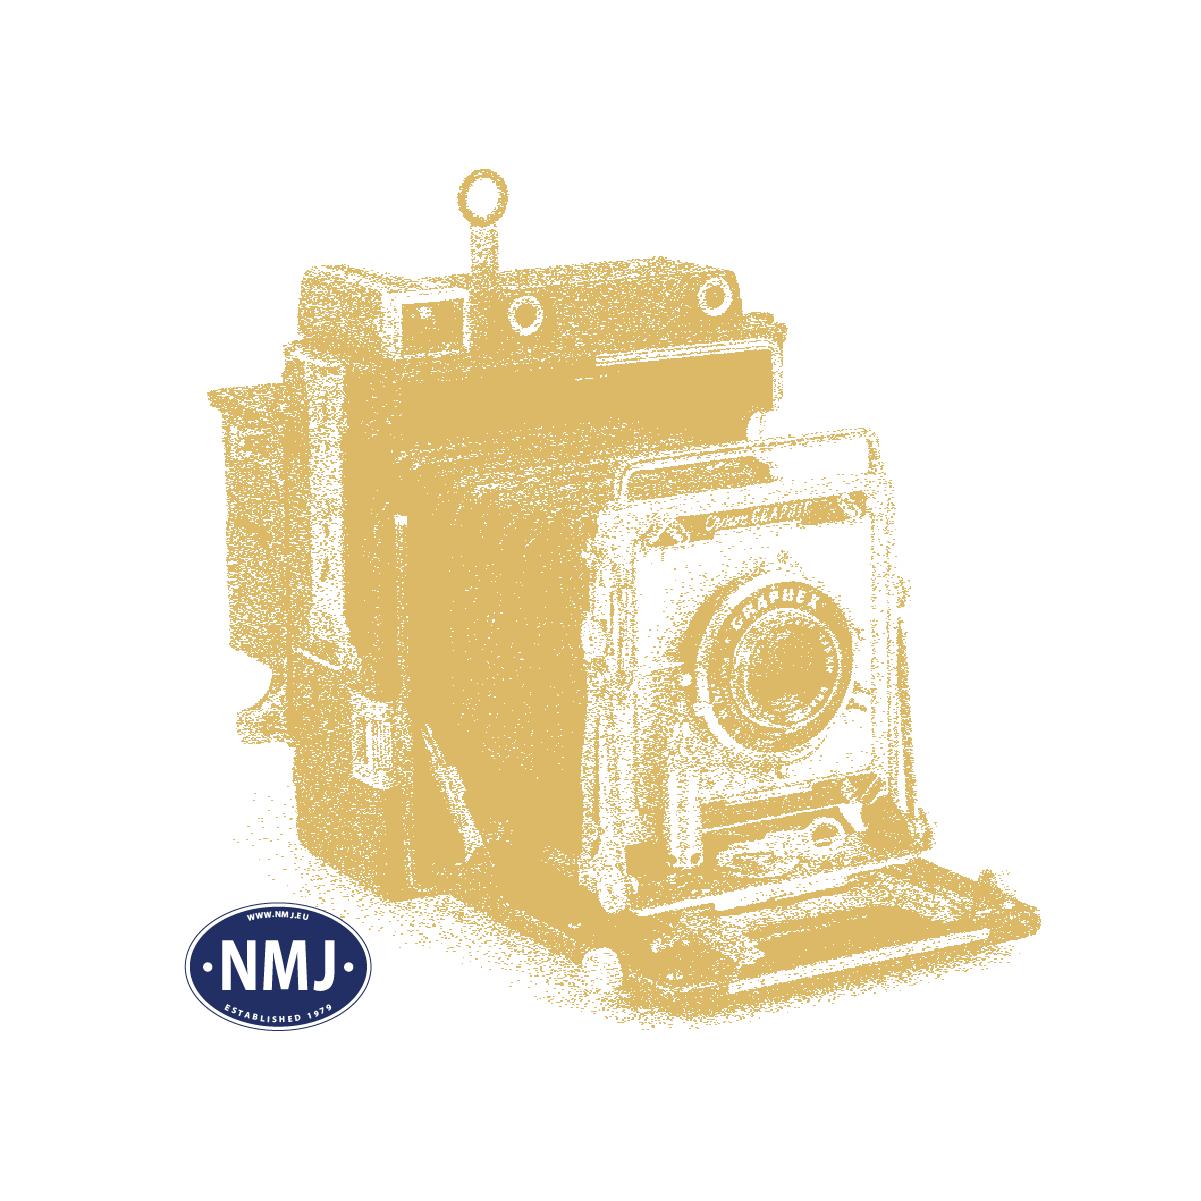 NMJT108.101 - NMJ Topline NSB BF11 21524 Gammeldesign